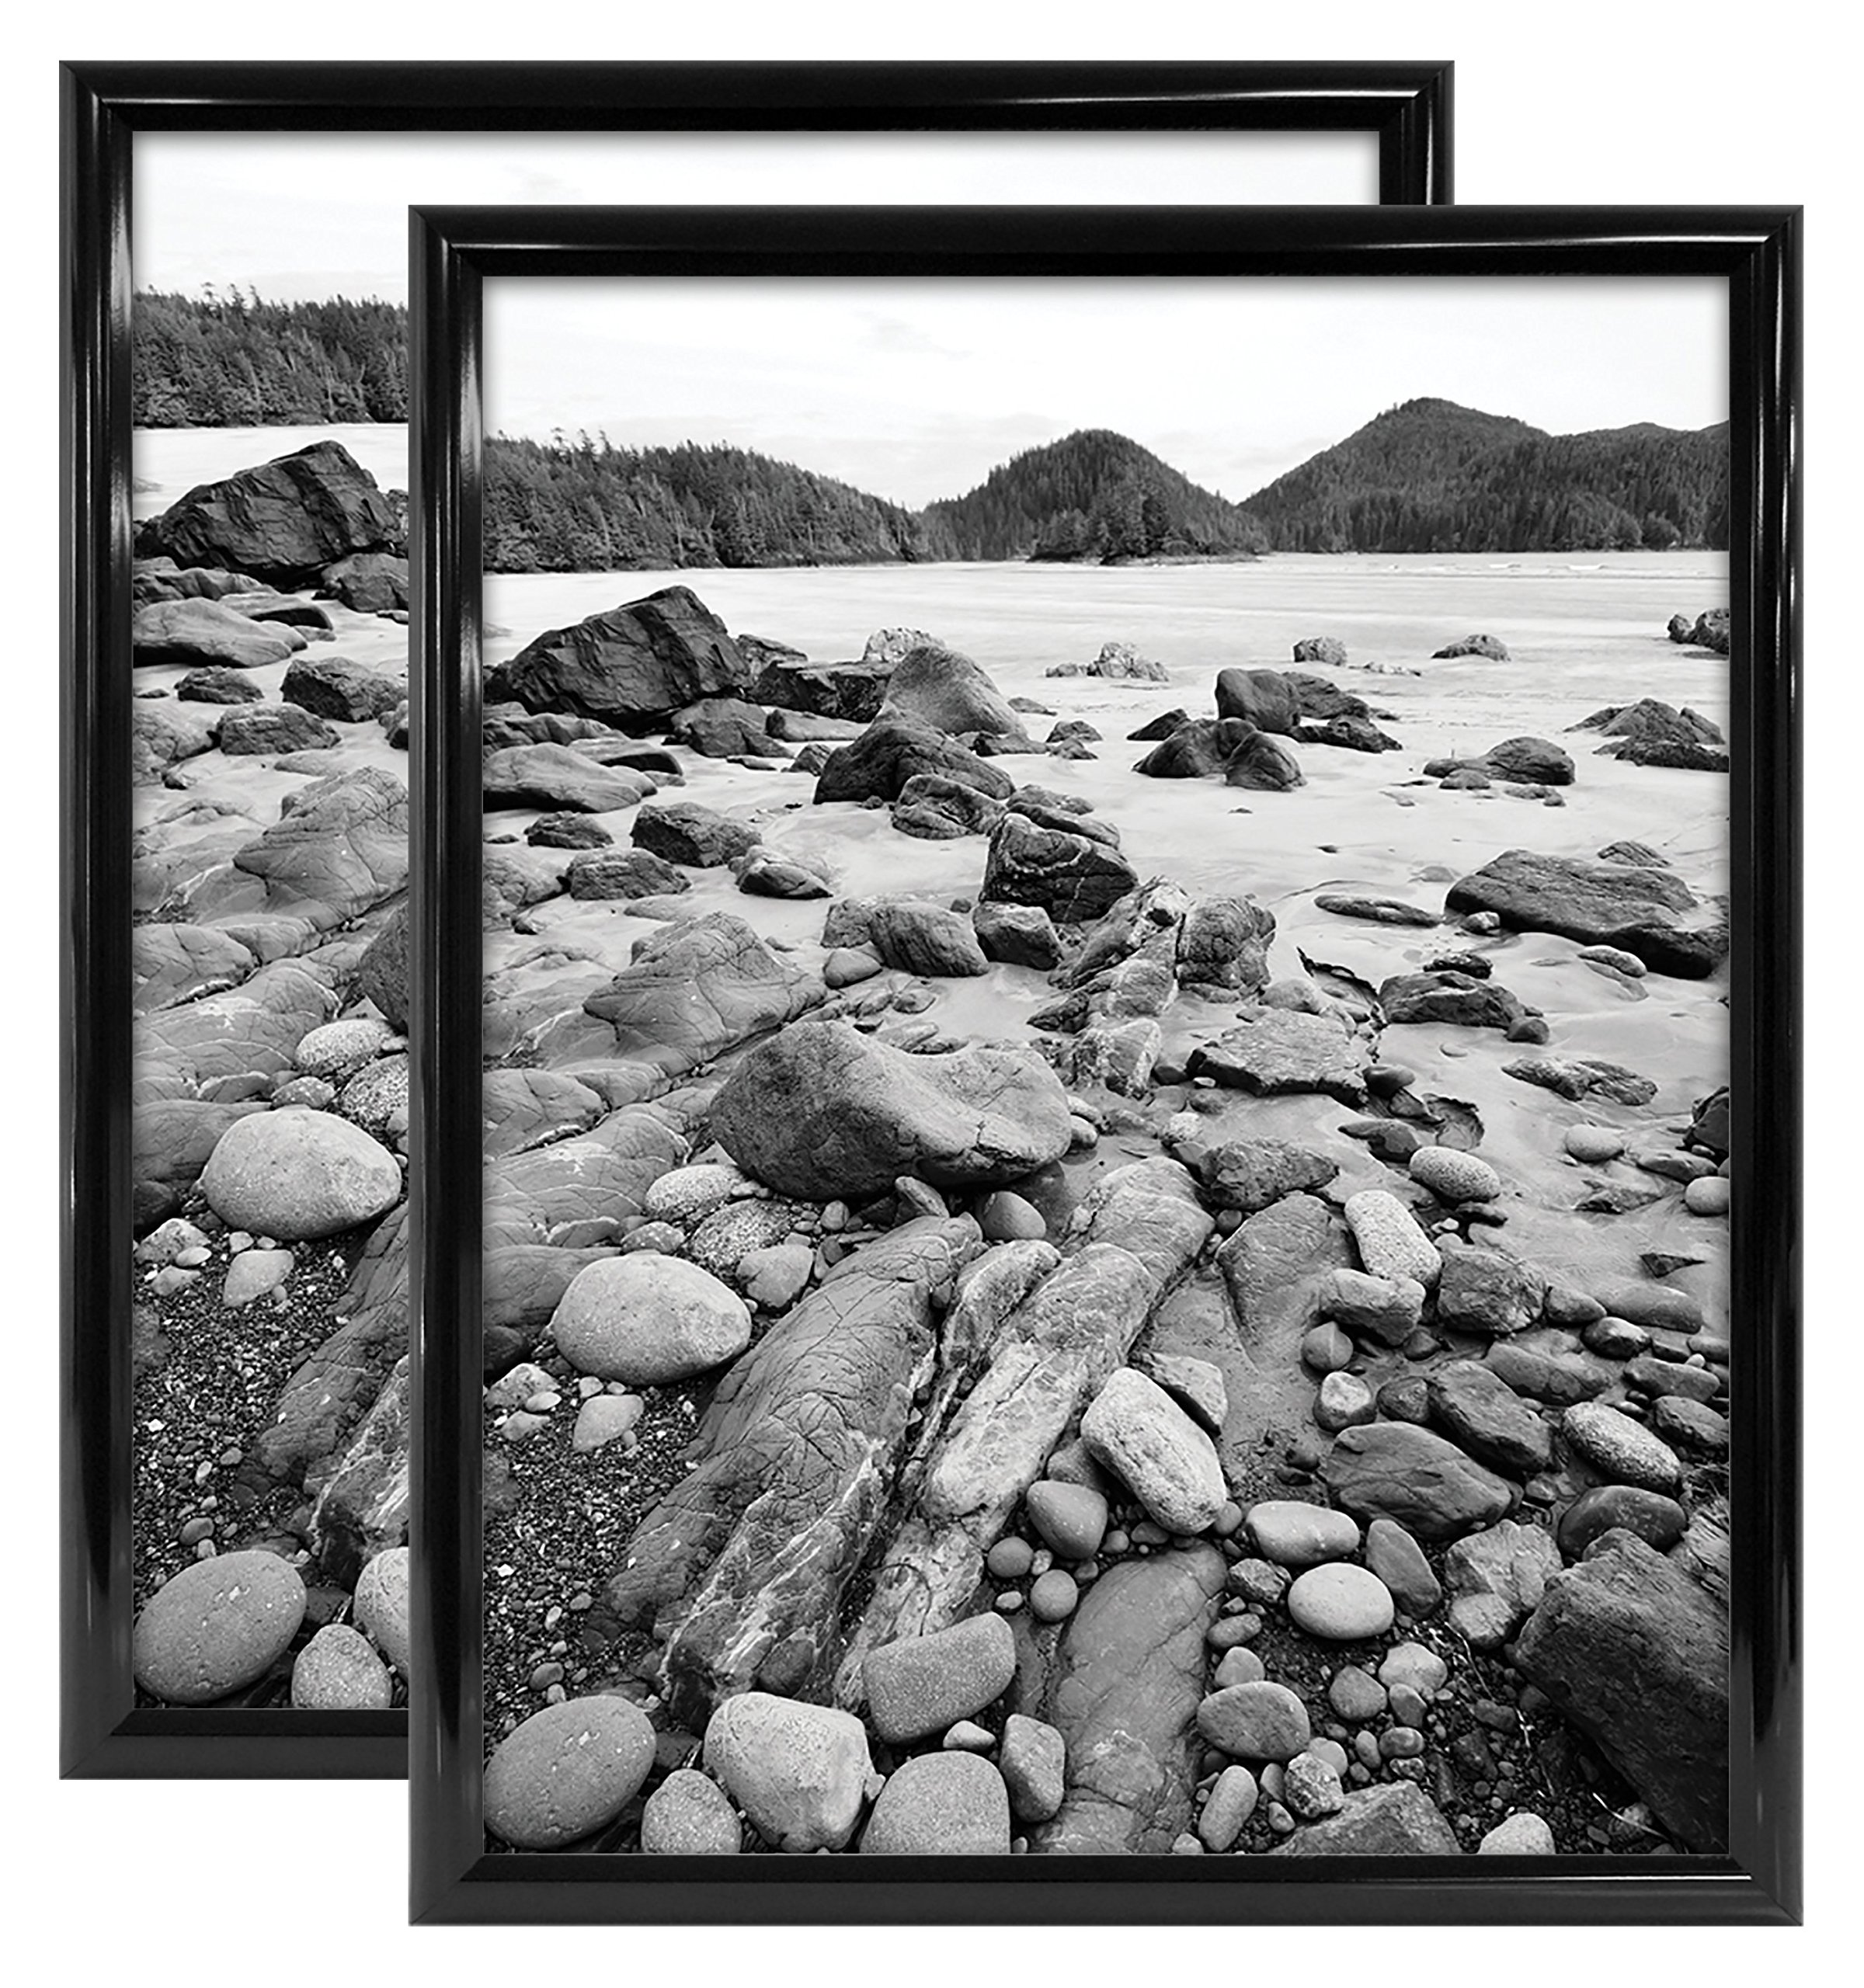 MCS Trendsetter 16x20 Inch Poster Frame (2pk), Black (65682) by MCS (Image #2)